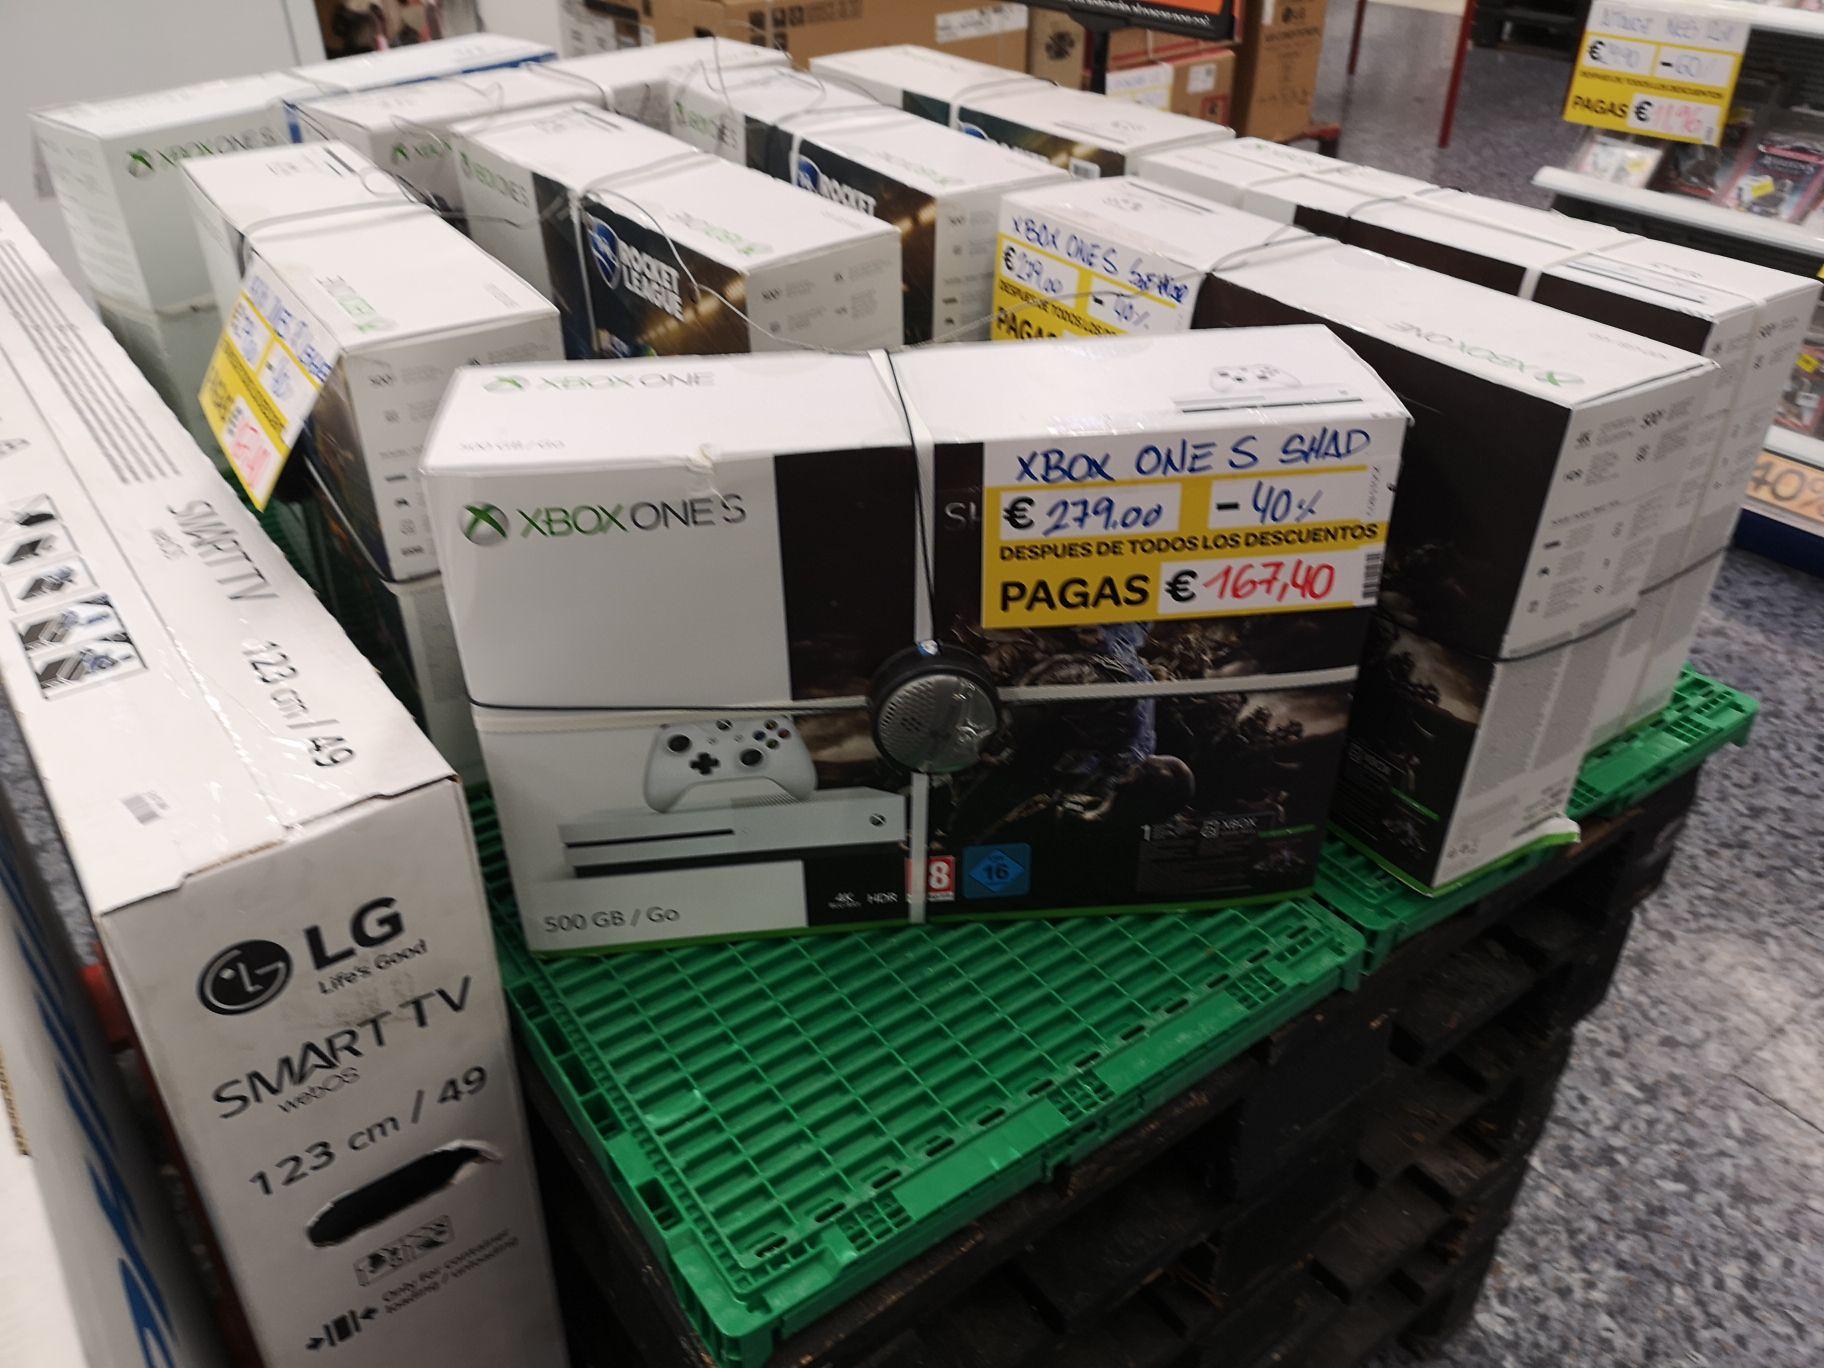 Consolas Xbox S a buen precio en outlet de Carrefour